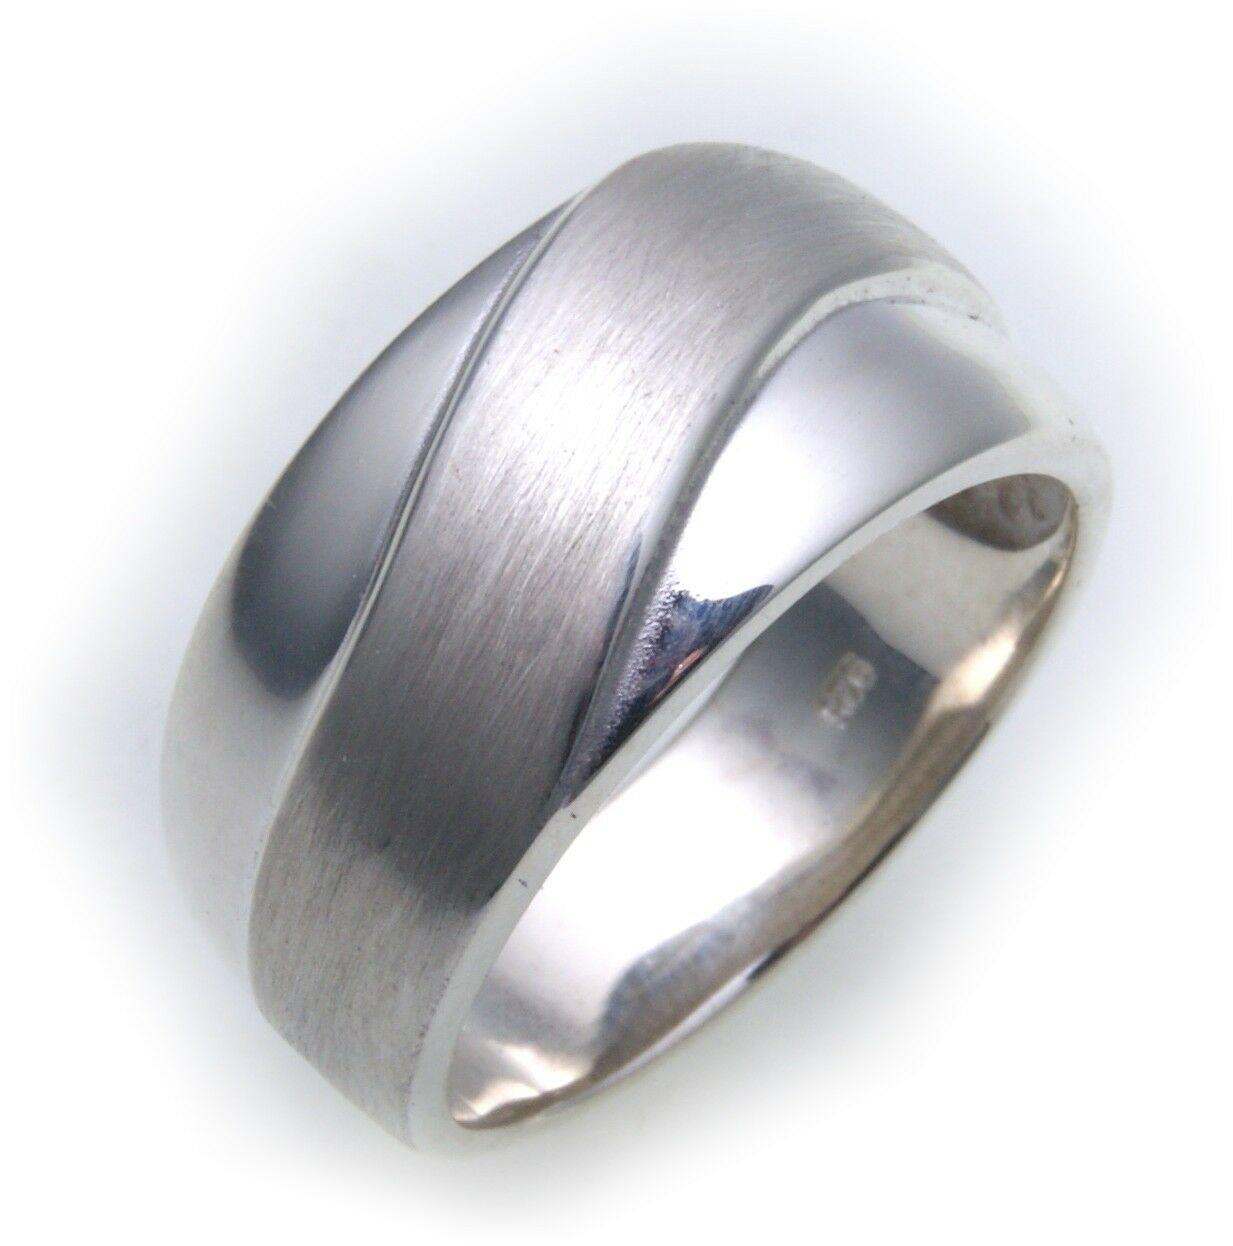 Neu Damen Ring echt Silber 925 poliert teilmatt massive Qualität Sterlingsilber